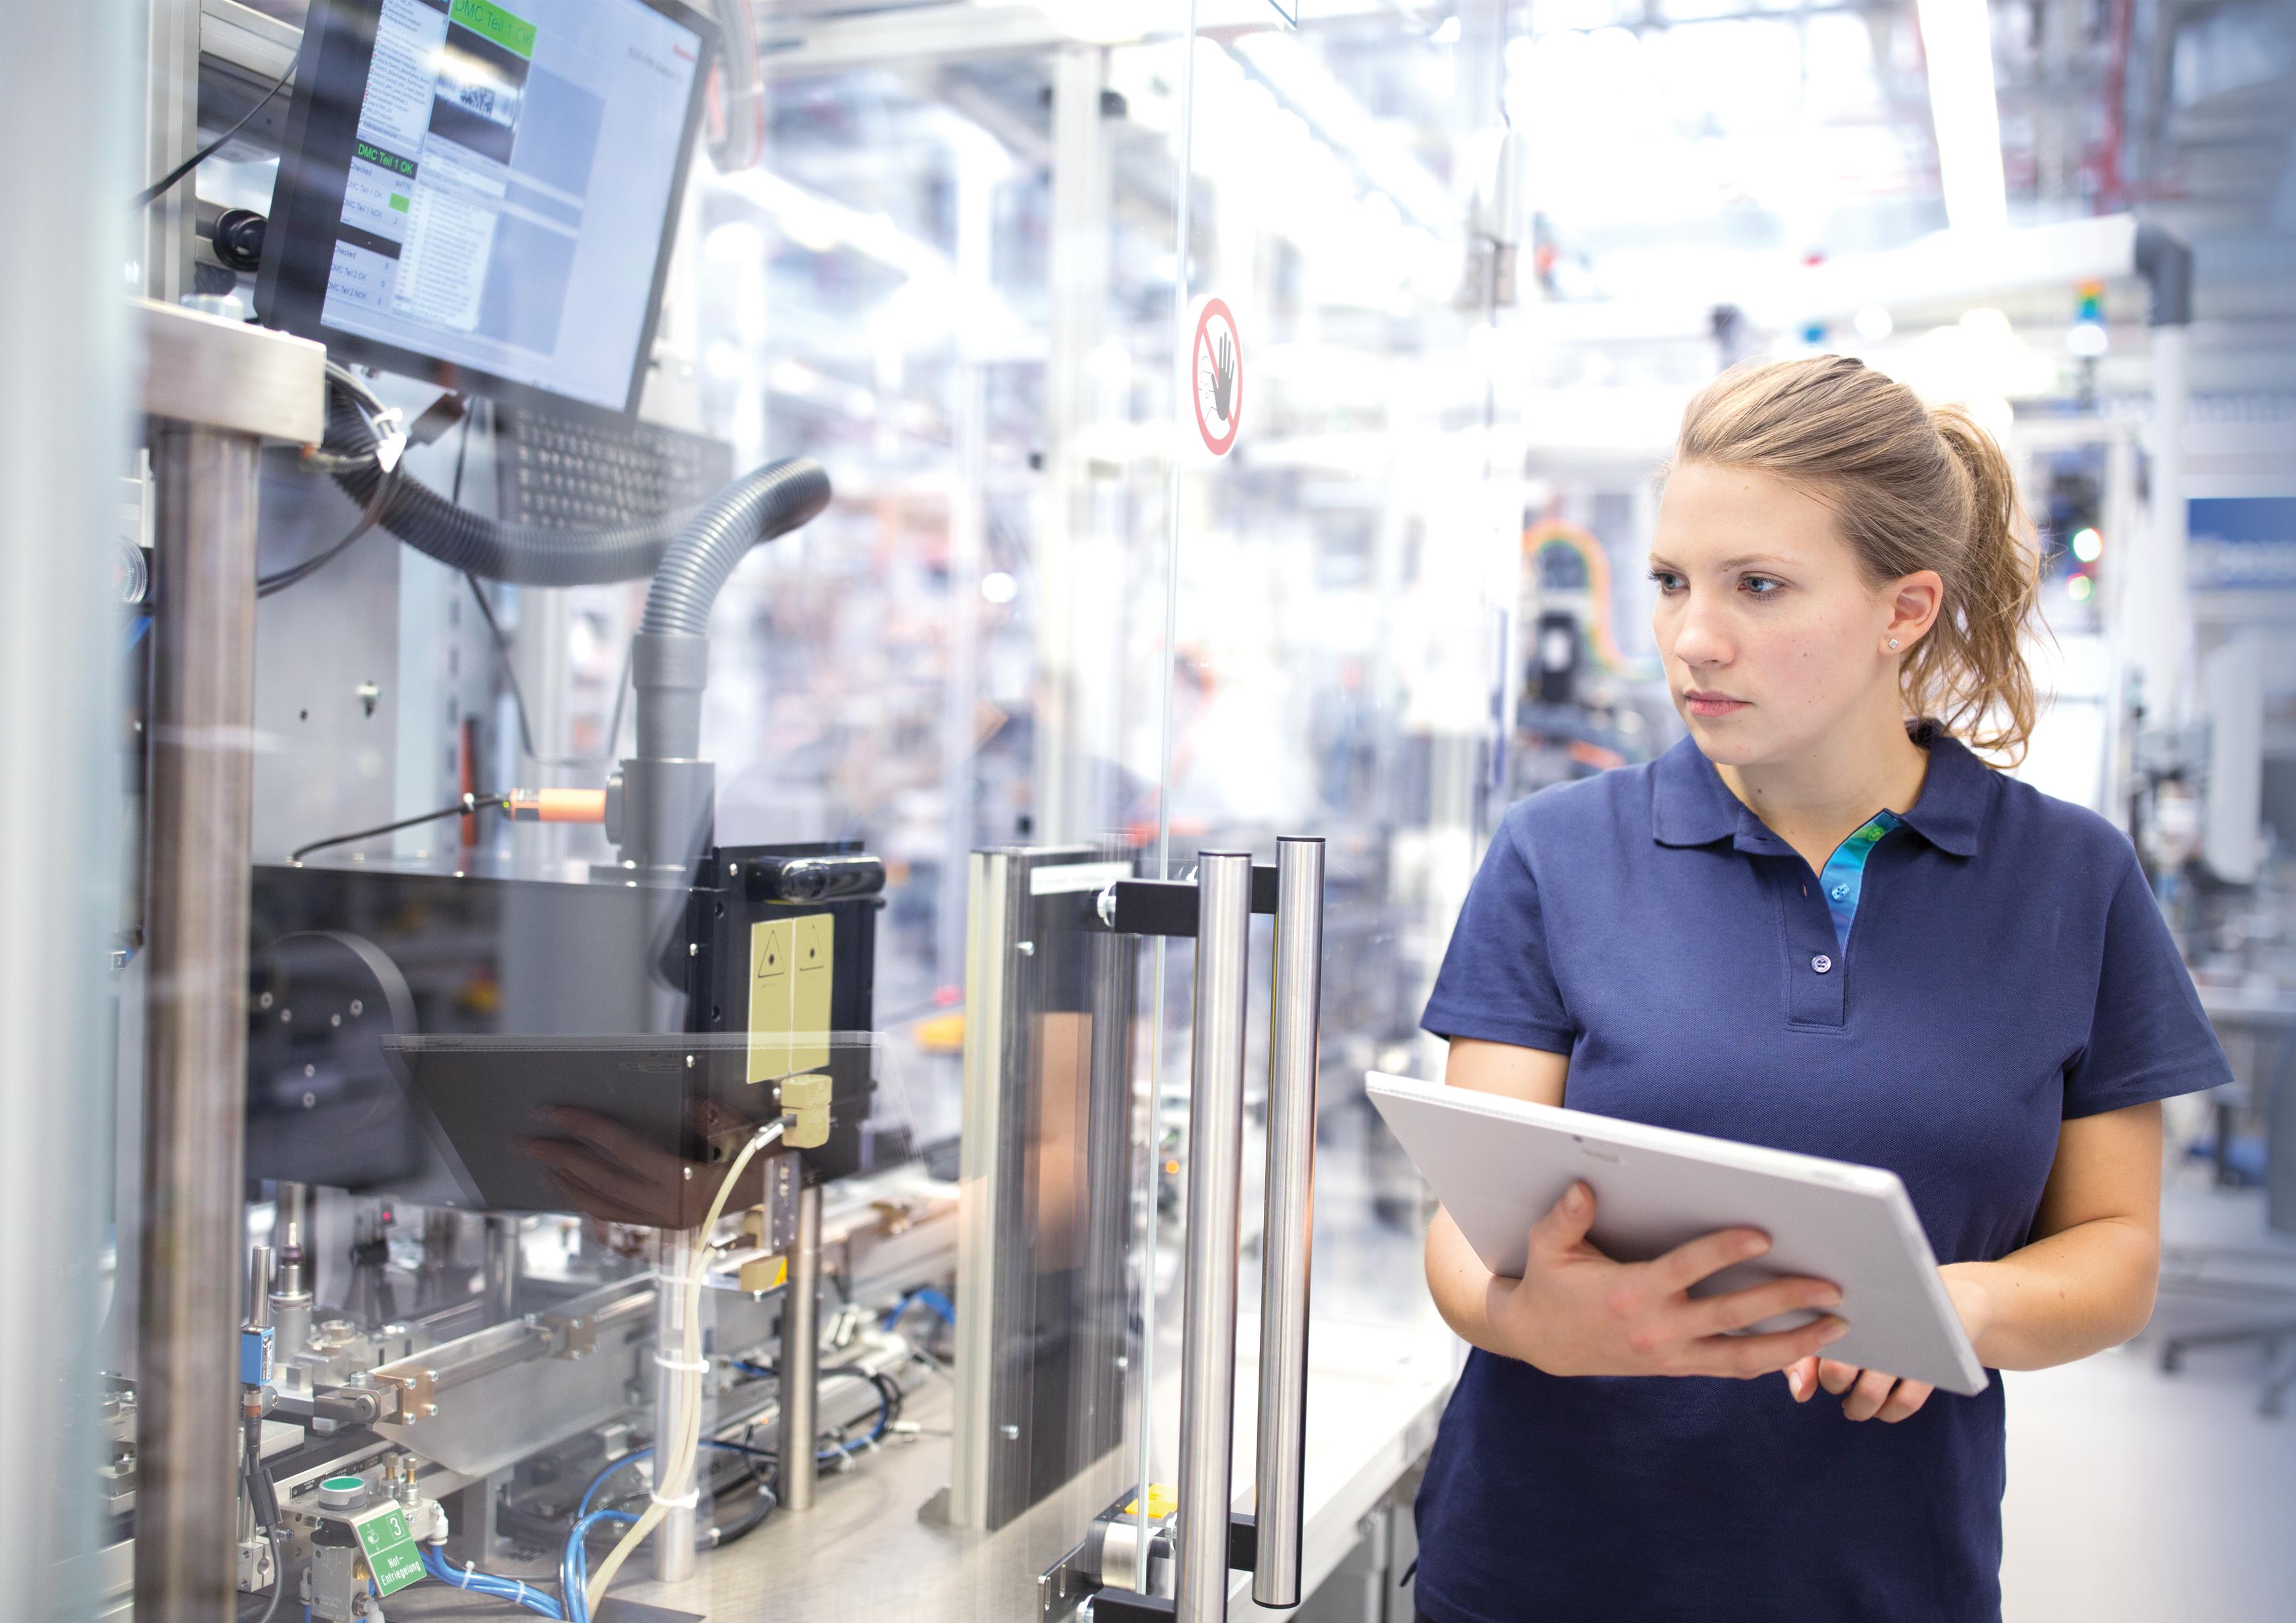 Prepojený priemyselný softvér uľahčuje prácu vo výrobe a logistike